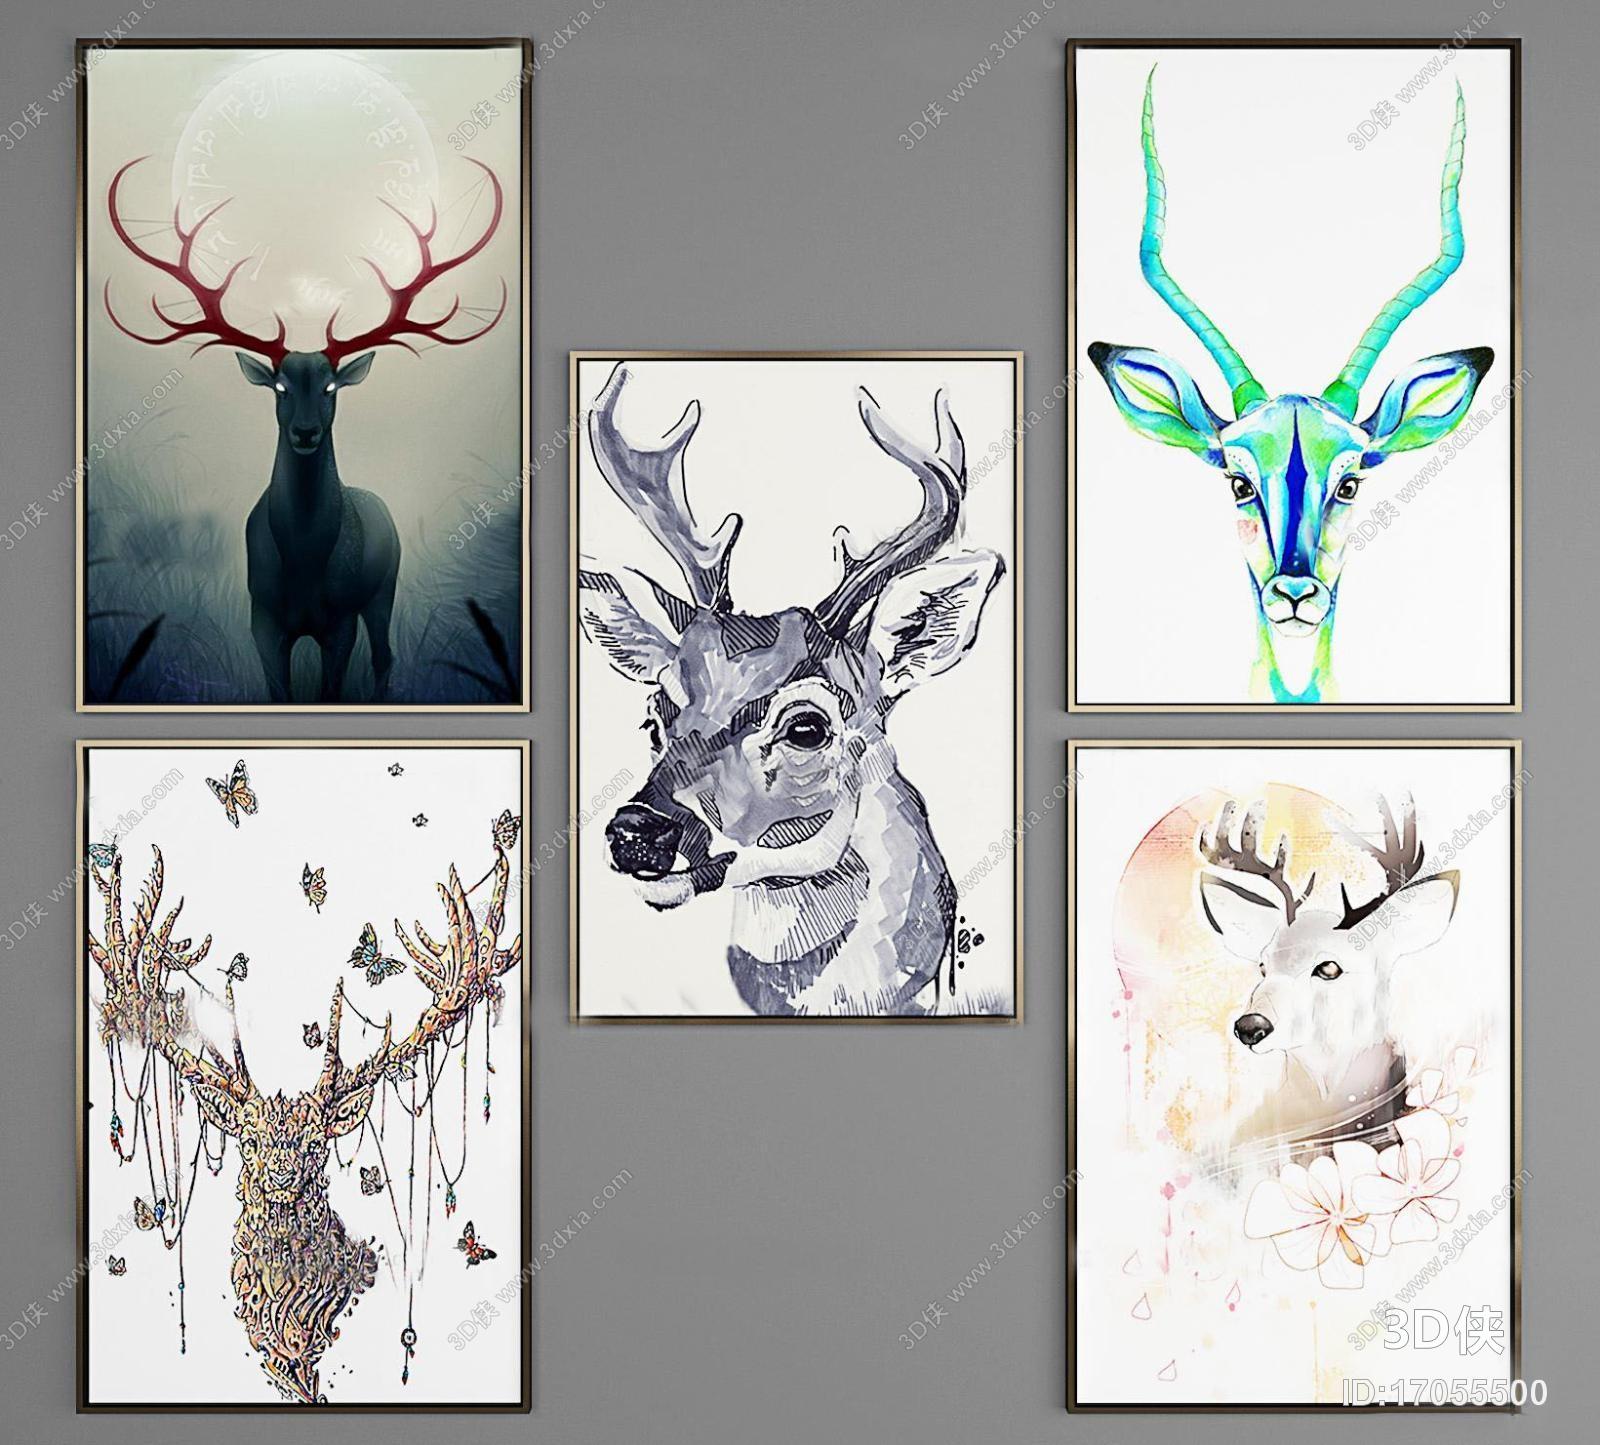 挂画效果图素材免费下载,本作品主题是北欧动物装饰画组合3d模型,编号